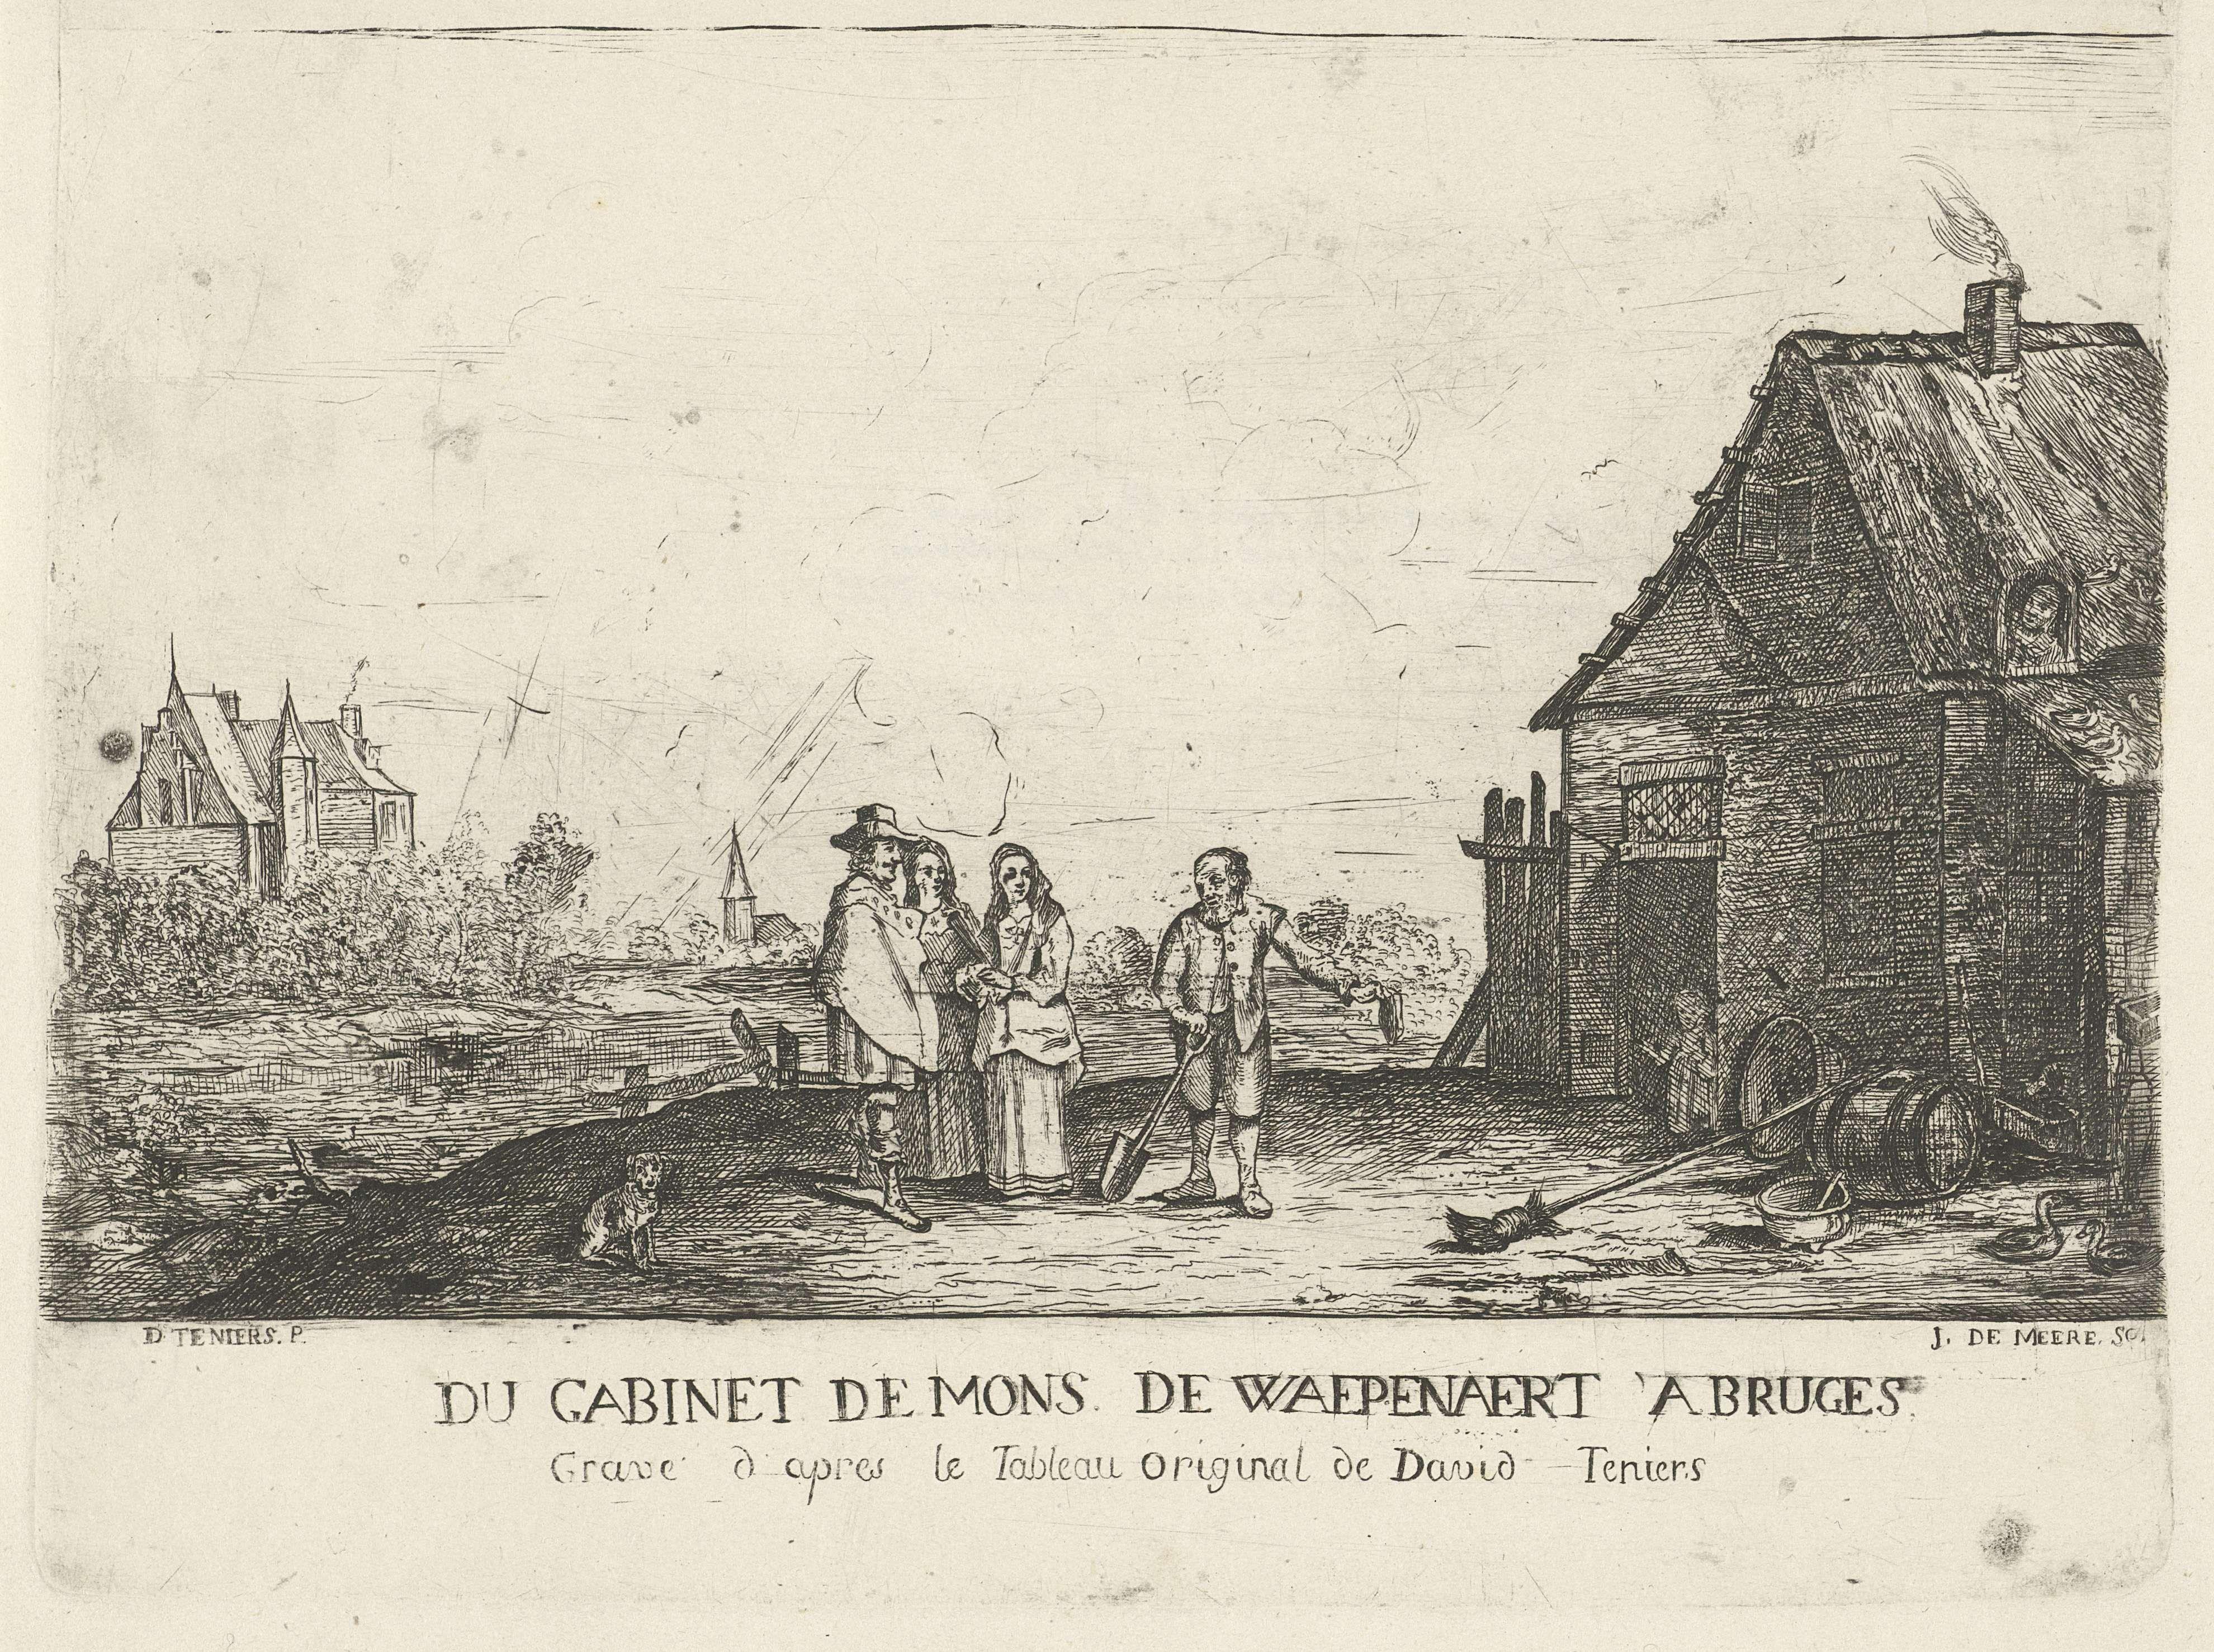 Jozef de Meere | Wandelaars bij een boer voor zijn boerderij, Jozef de Meere, 1799 | Een rijk geklede man en twee vrouwen spreken met een boer, die zijn muts heeft afgenomen en op zijn huis wijst. In de deuropening staat een kind en de boerin kijkt vanuit het dakraam. Aan de horizon een kasteel en een kerk.